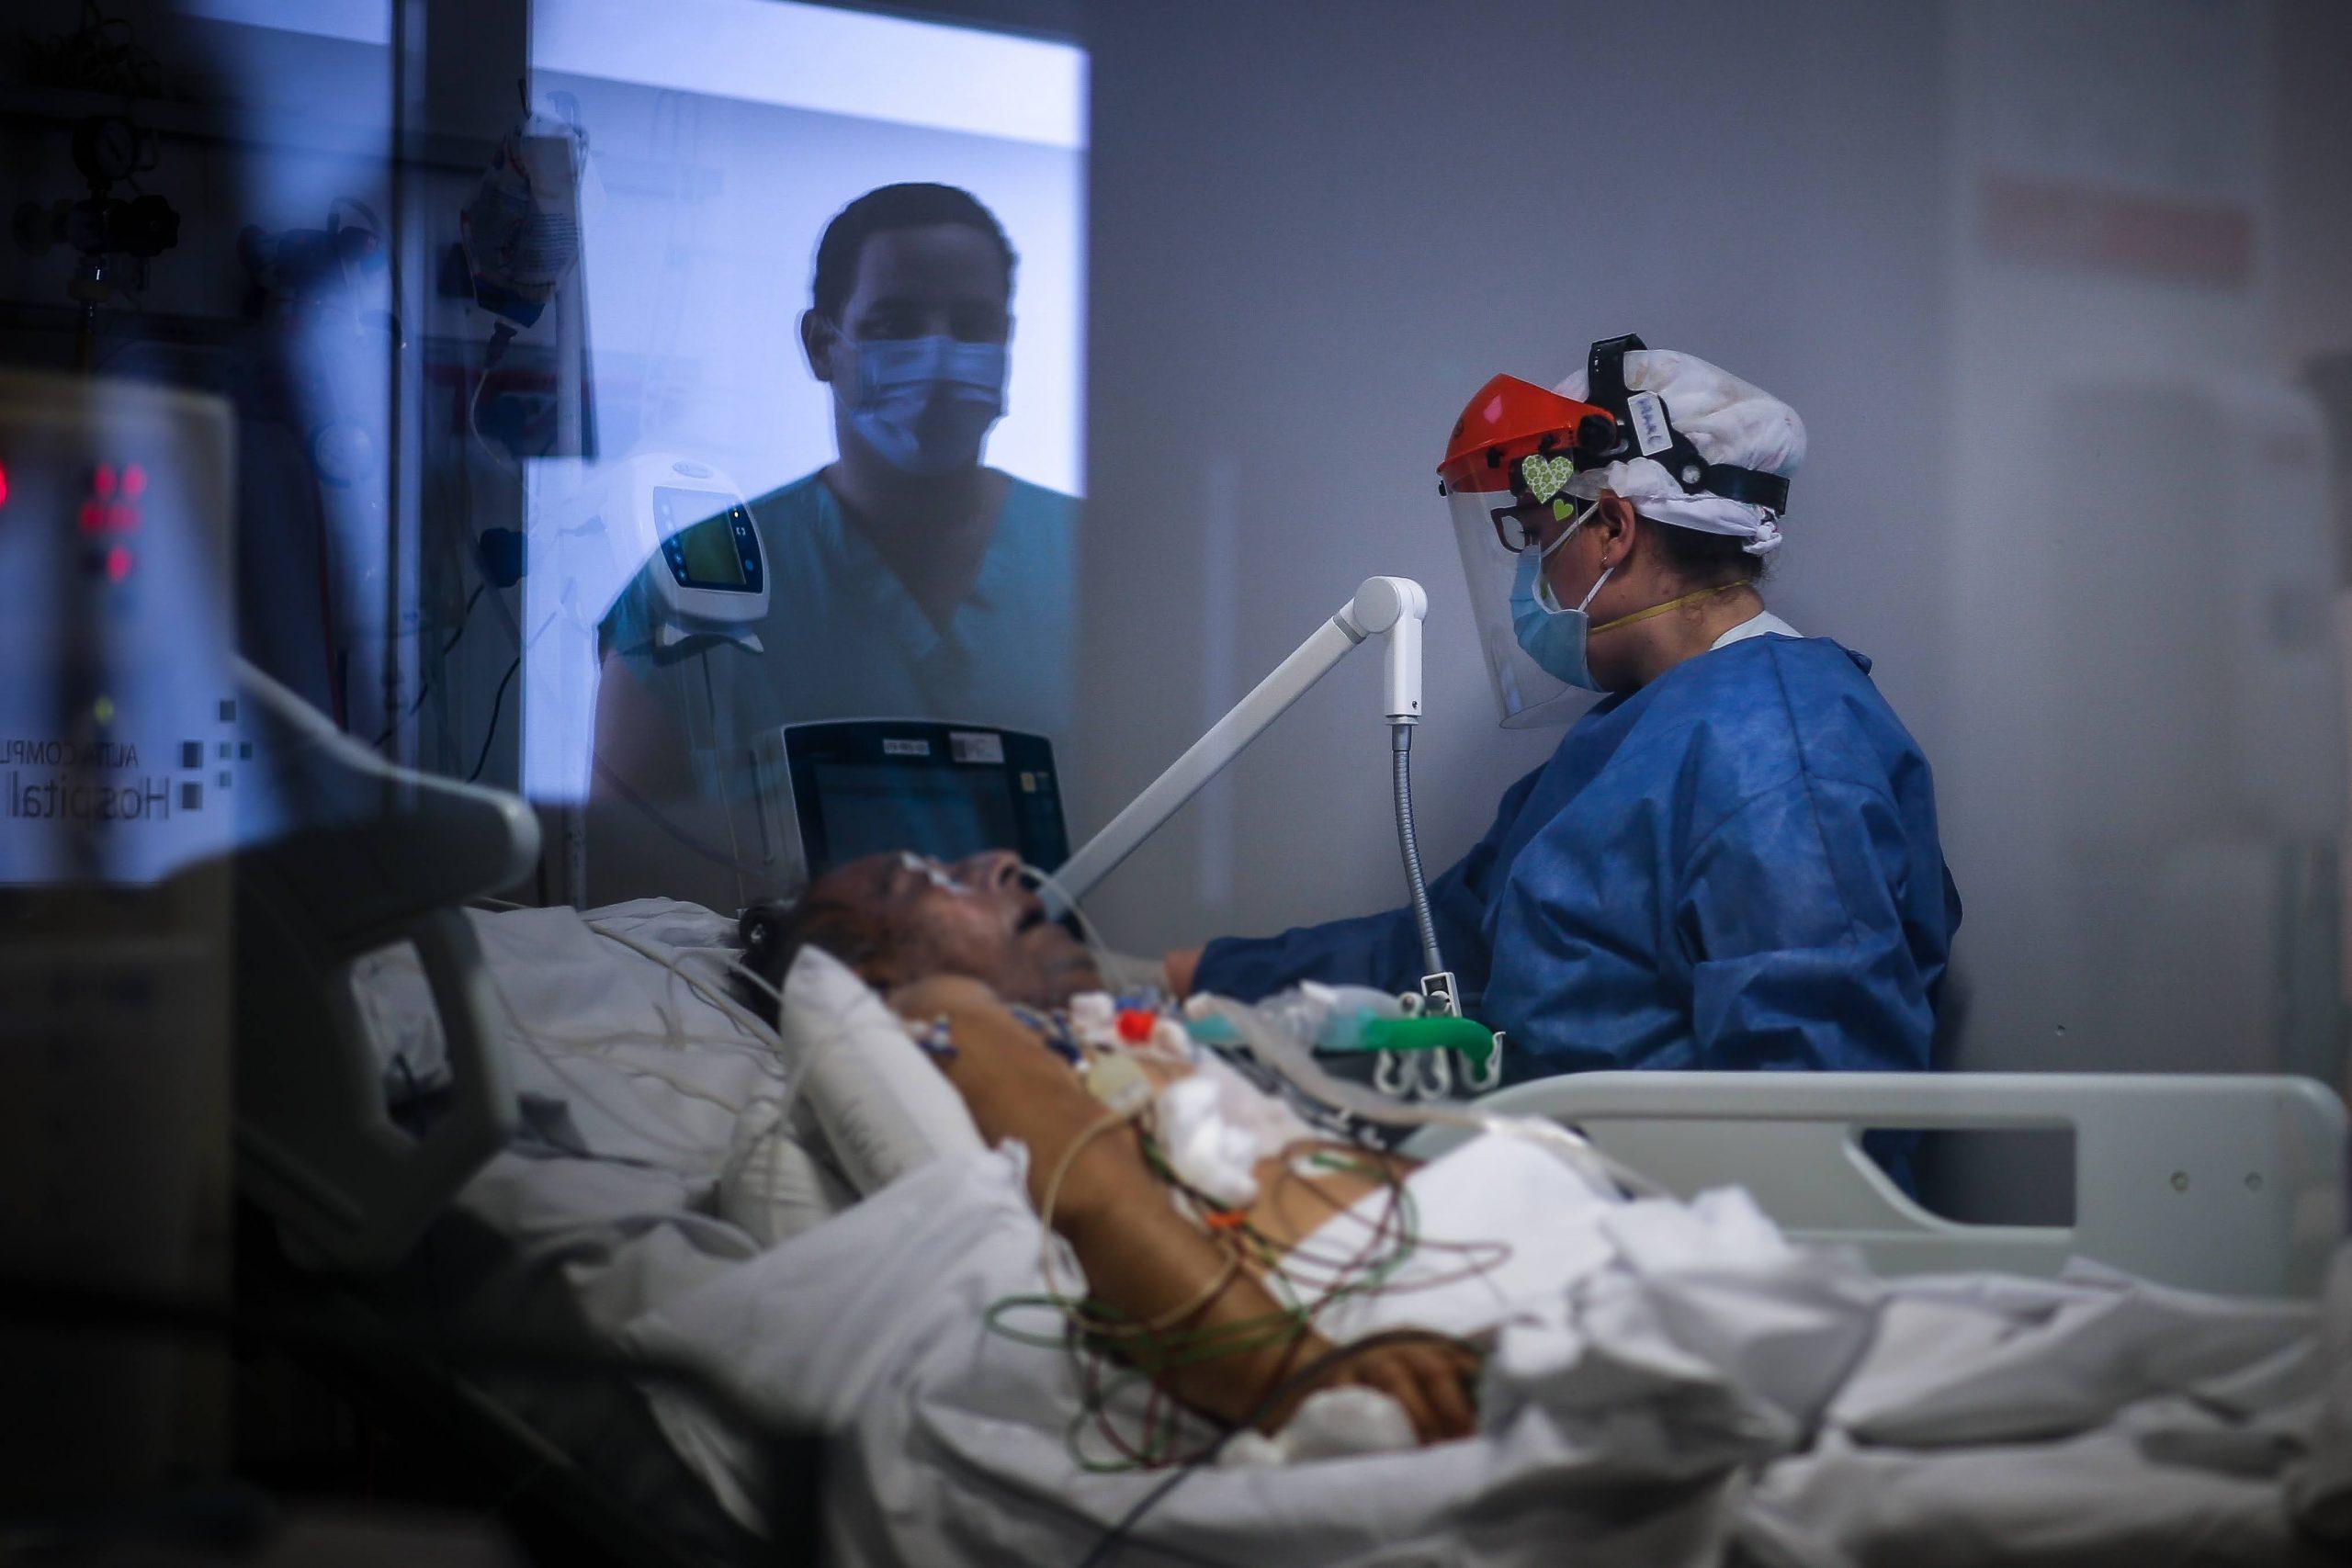 La ley del Montes | ¡Gracias por salvar nuestras vidas!